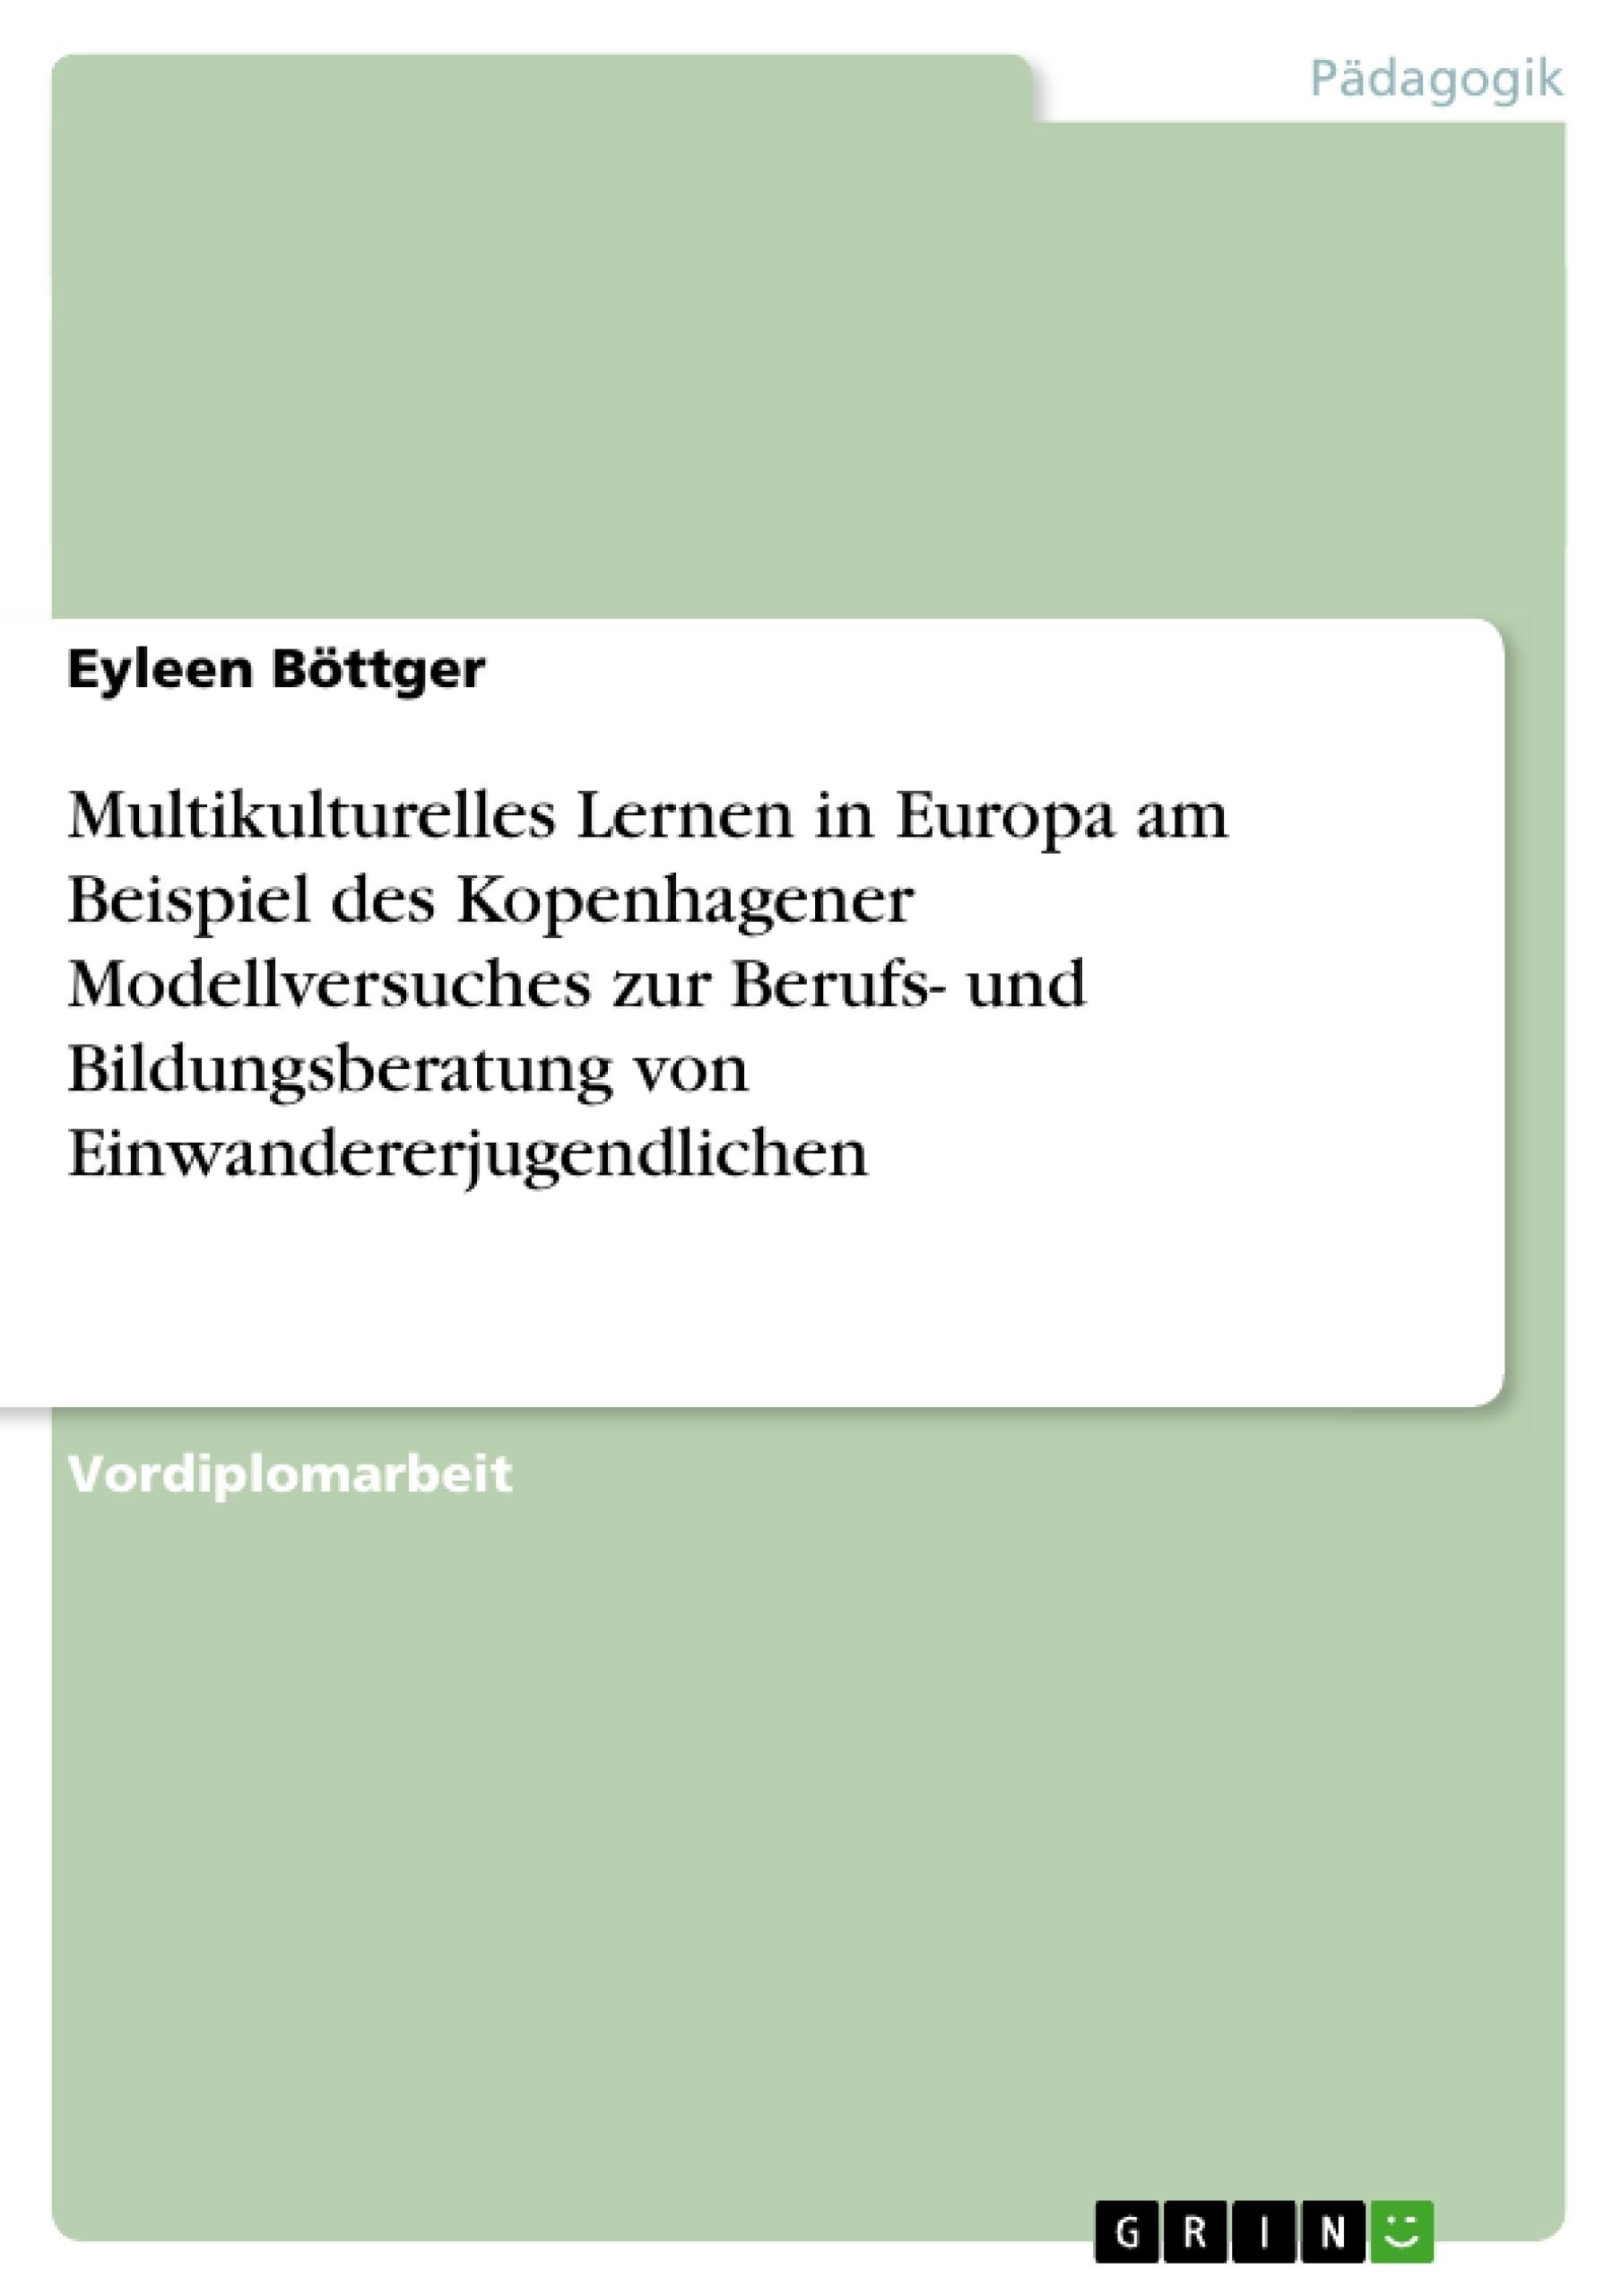 Titel: Multikulturelles Lernen in Europa am Beispiel des Kopenhagener Modellversuches zur Berufs- und Bildungsberatung von Einwandererjugendlichen